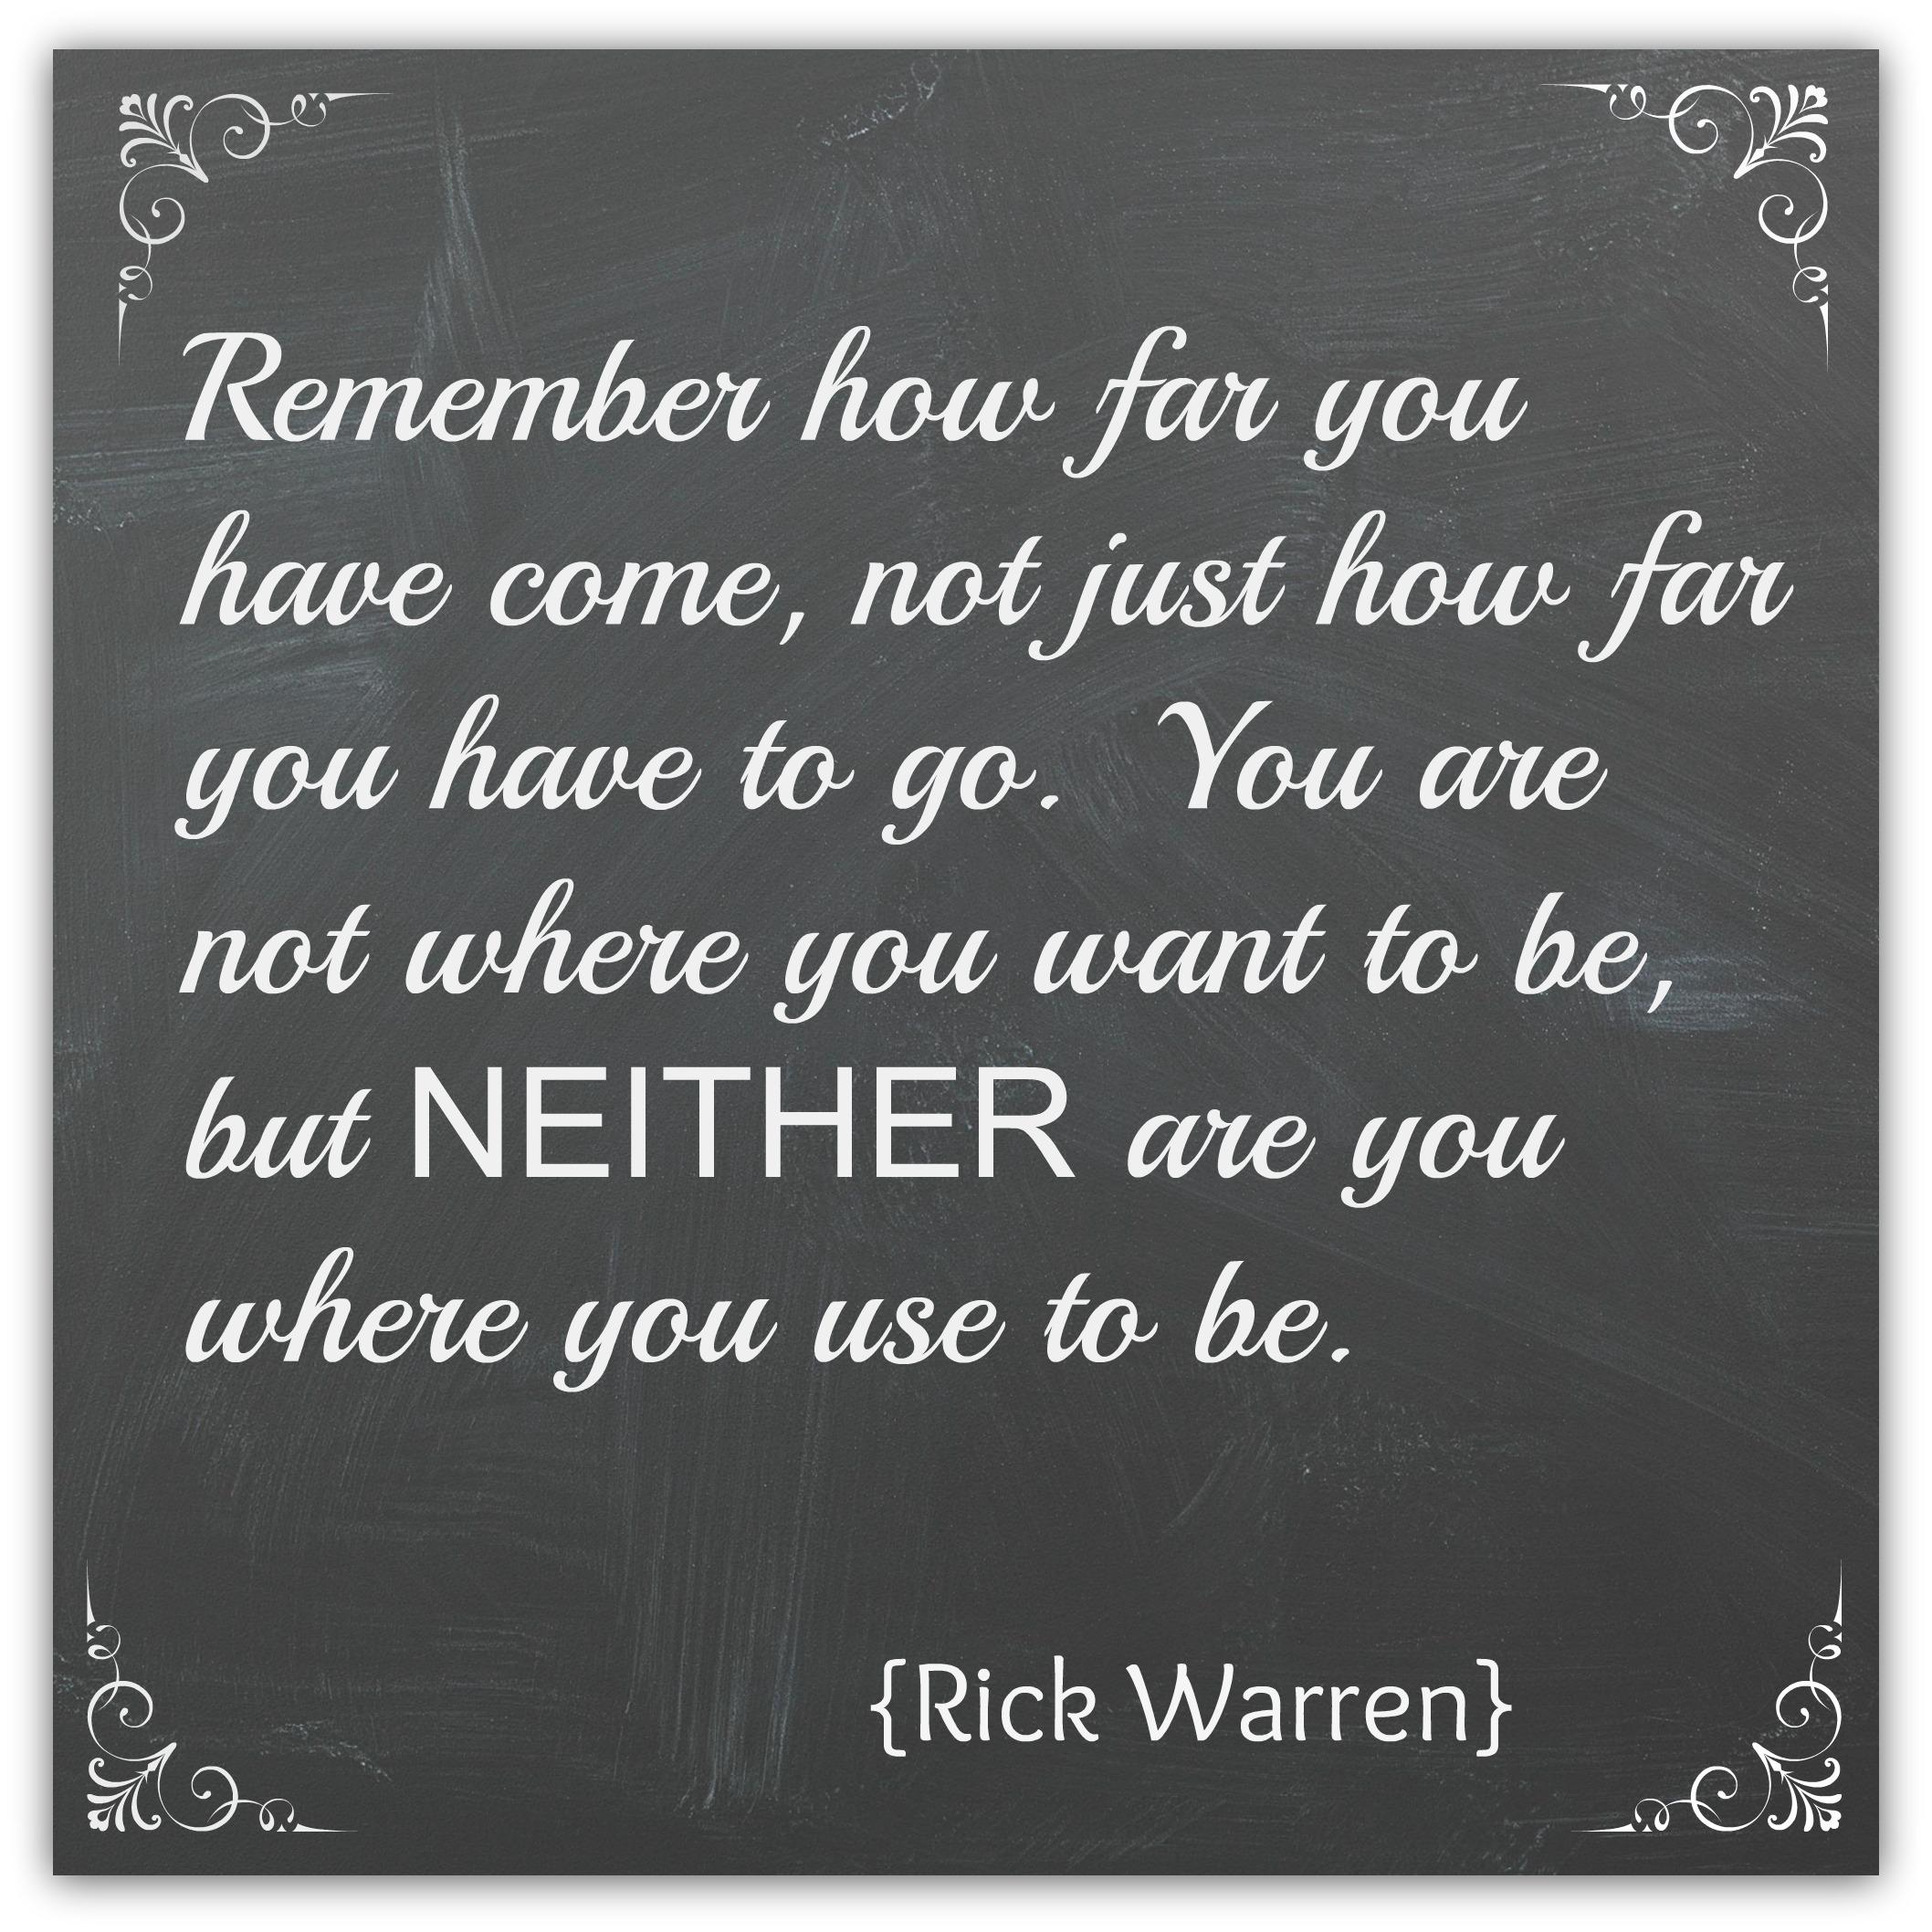 rick warren quote 2